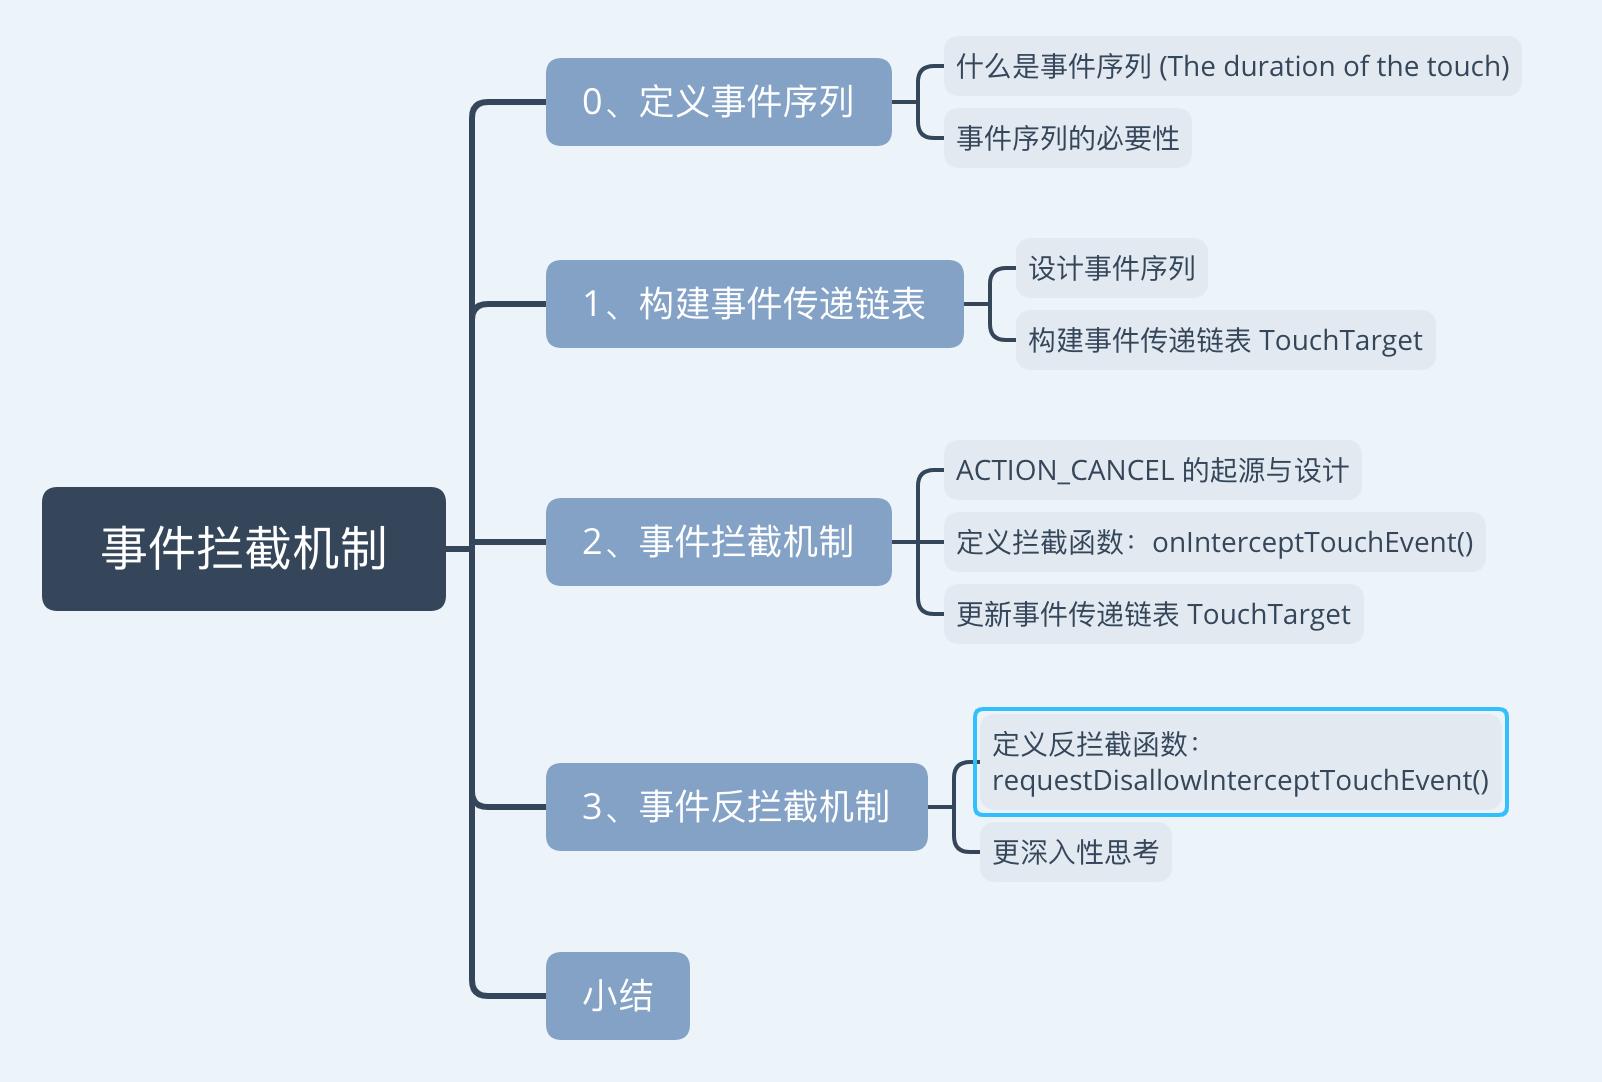 反思|Android 事件拦截机制的设计与实现